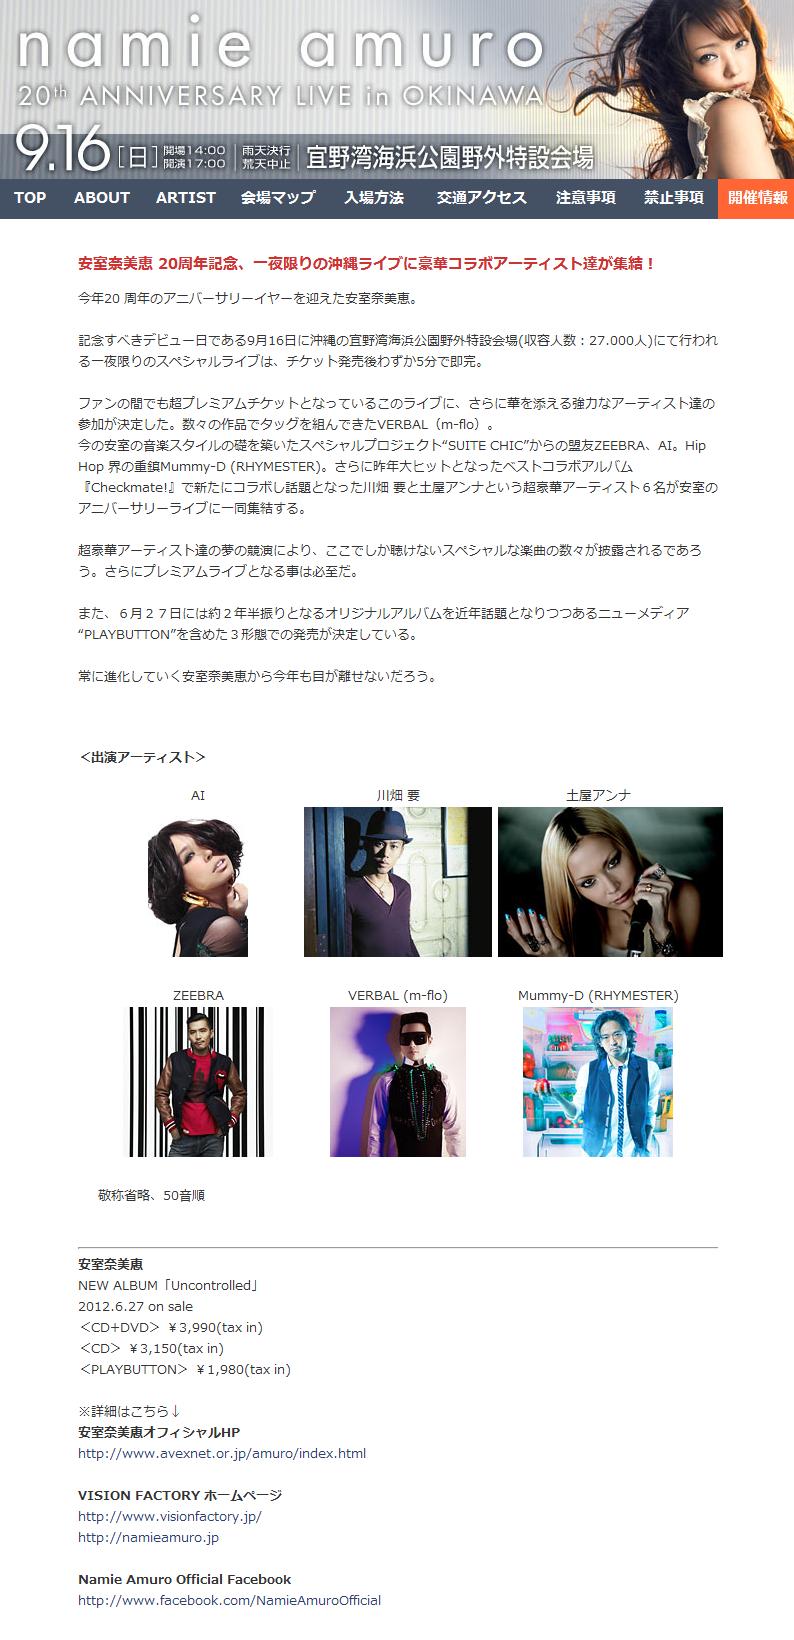 安室奈美恵│namie amuro 20th ANNIVERSARY LIVE in OKINAWA3